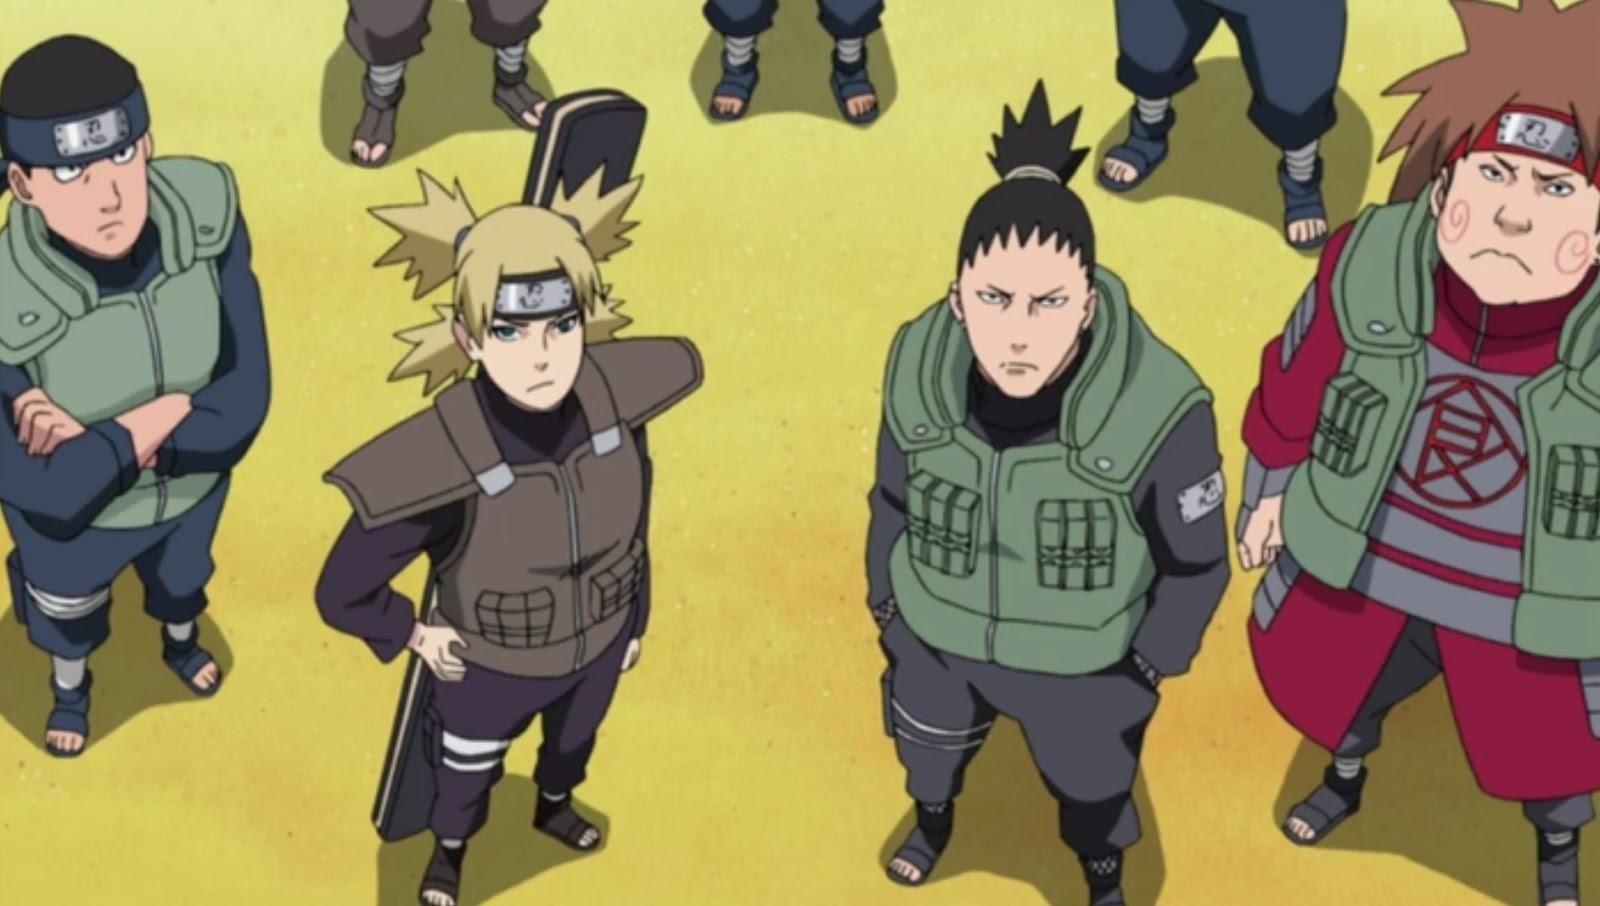 Naruto Shippuden Episódio 267, Assistir Naruto Shippuden Episódio 267, Assistir Naruto Shippuden Todos os Episódios Legendado, Naruto Shippuden episódio 267,HD